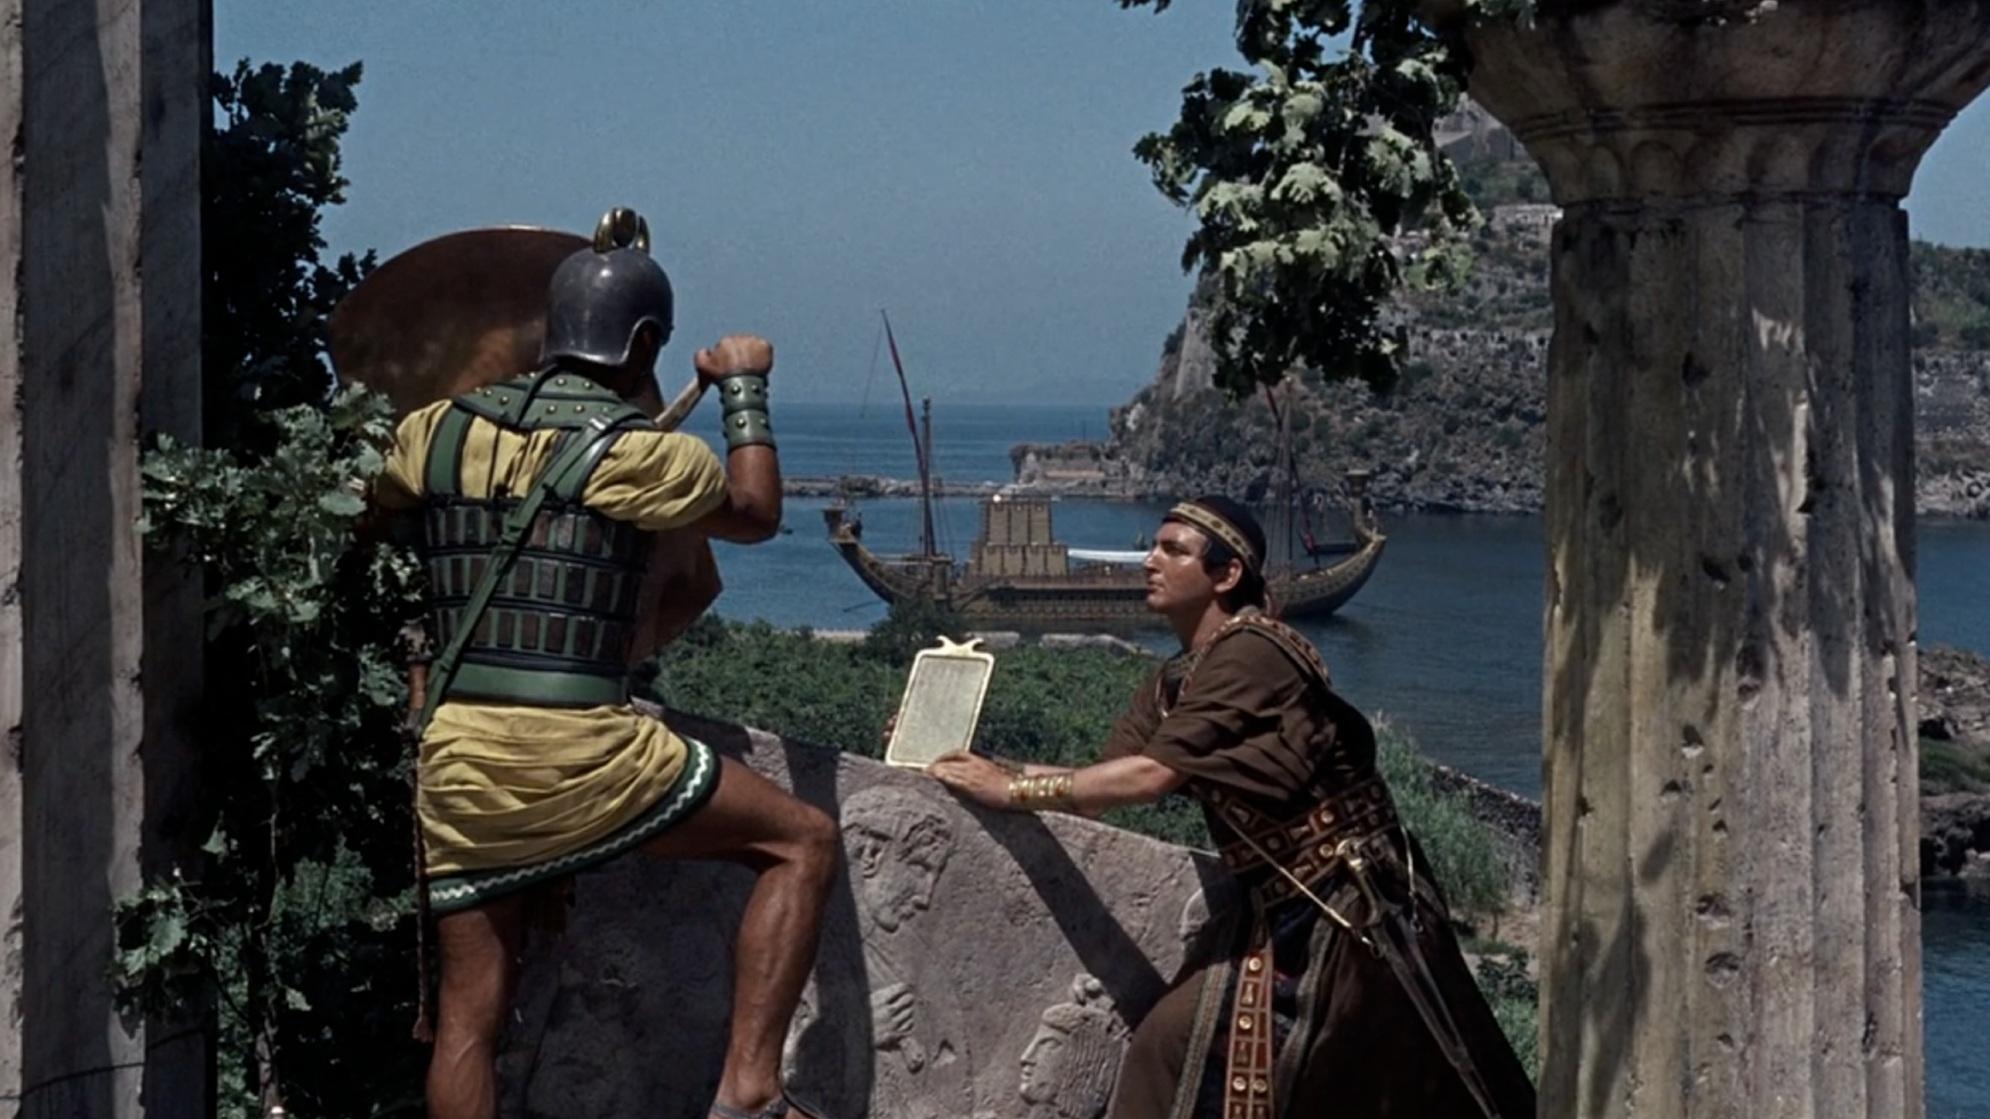 #5) Cleopatra - (1963 - dir. Joseph L. Mankiewicz)